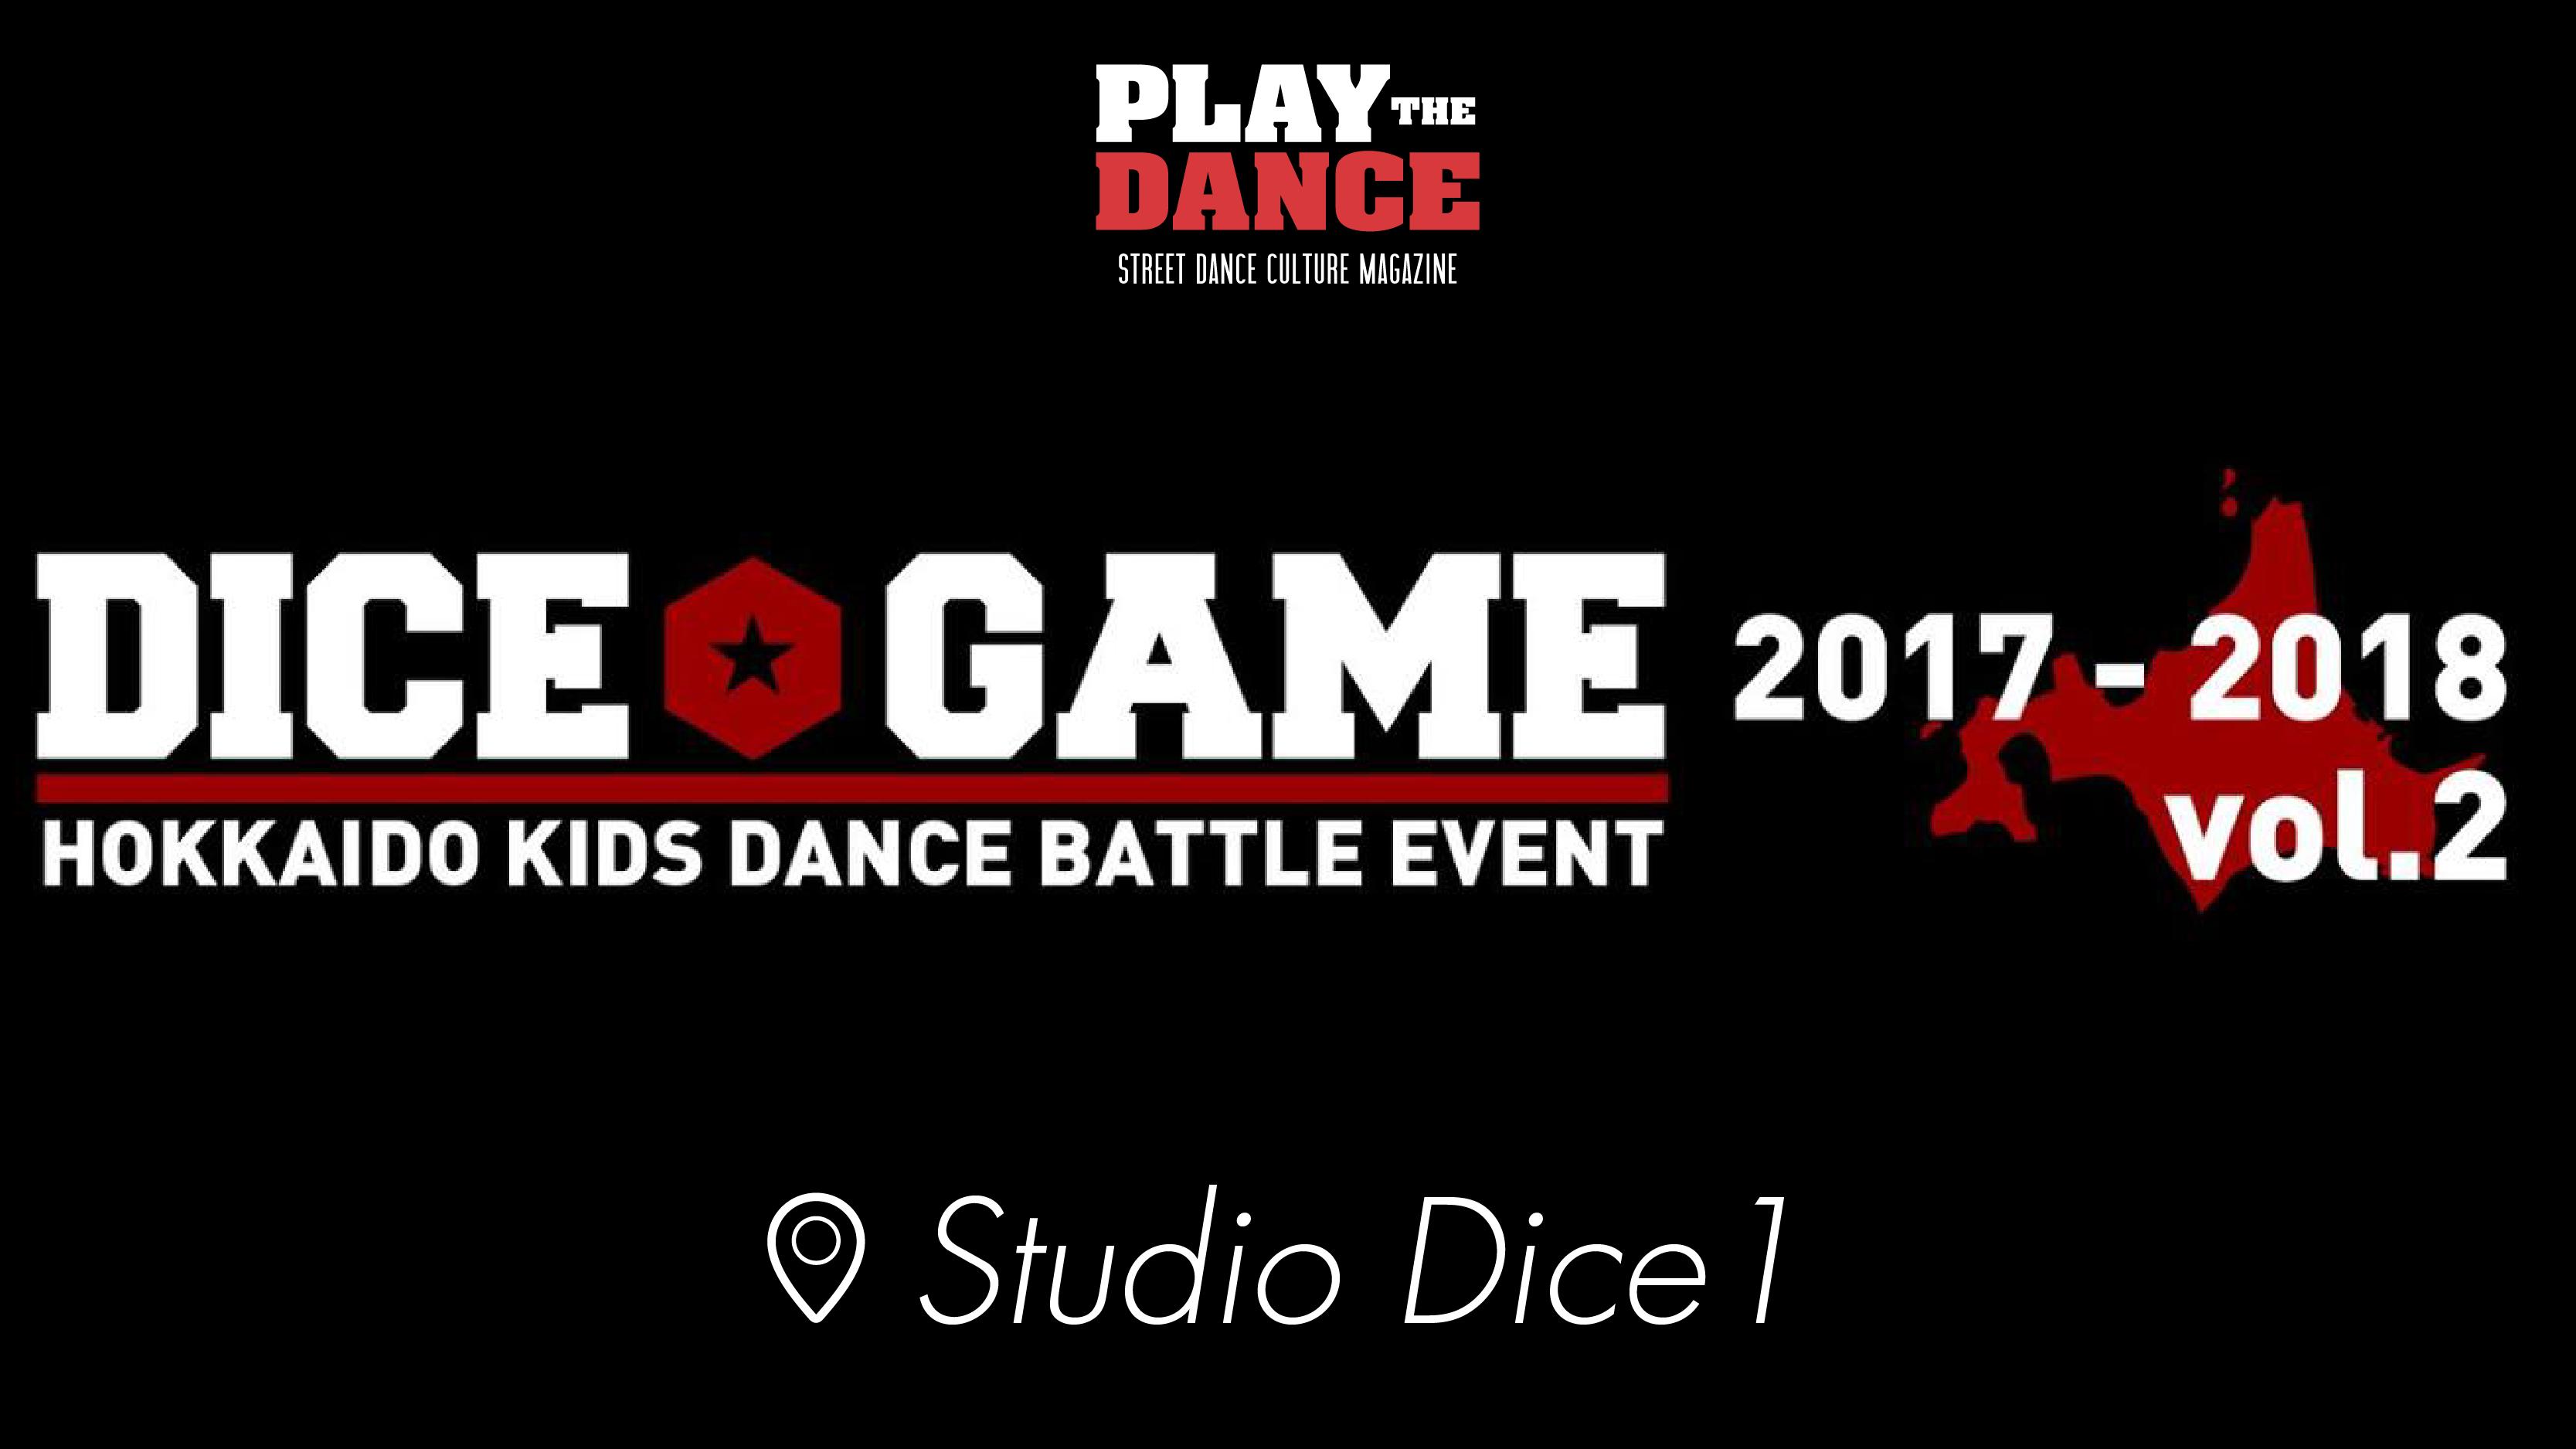 DICE GAME 2017 – 2018 vol.2